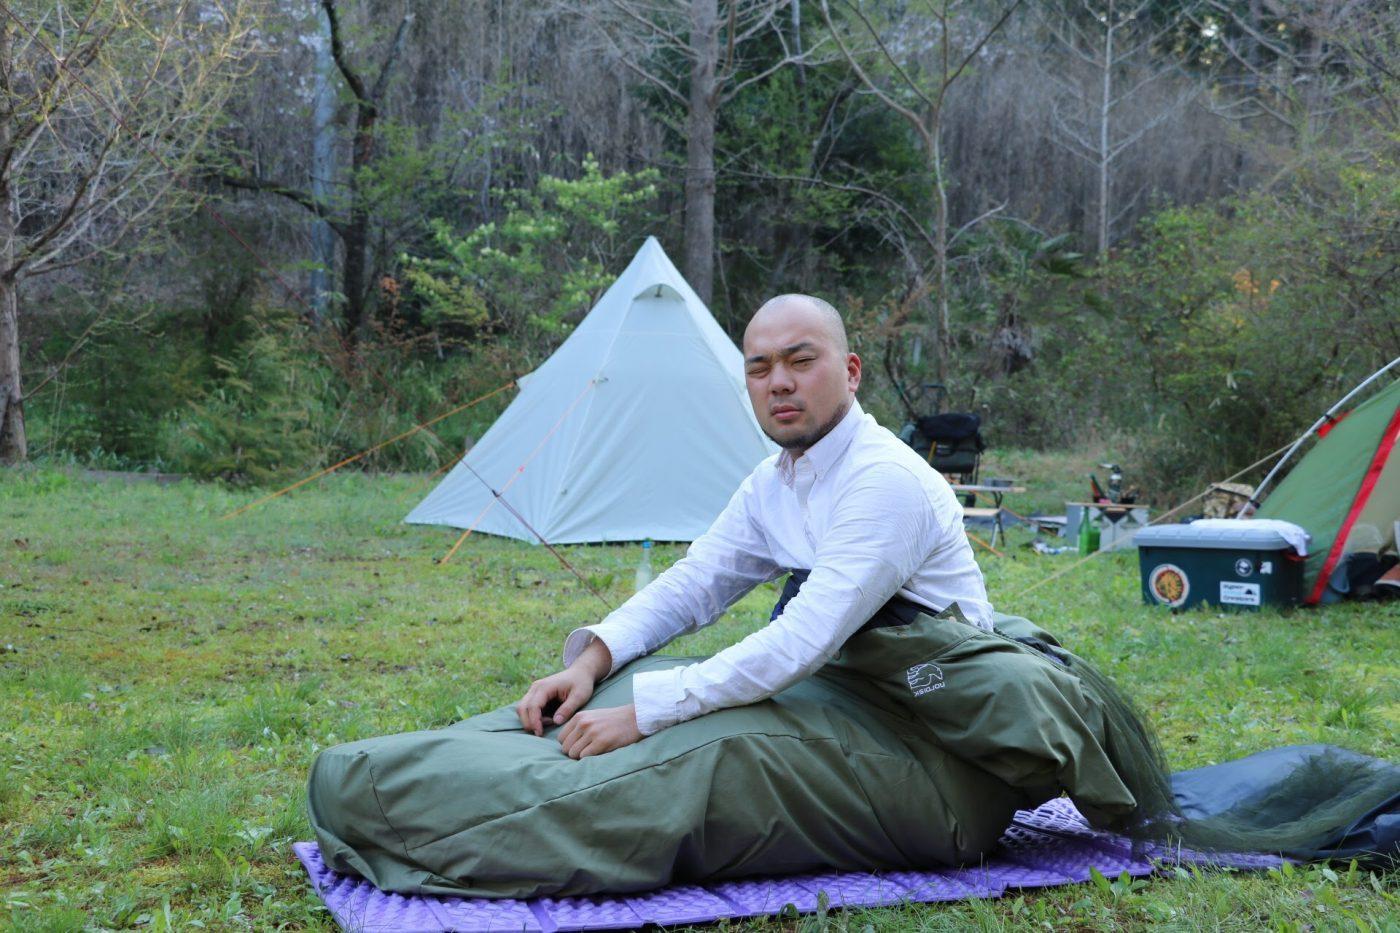 自分自身のキャンプスタイルを求めた結果、外で寝るだけをやったこともあります。